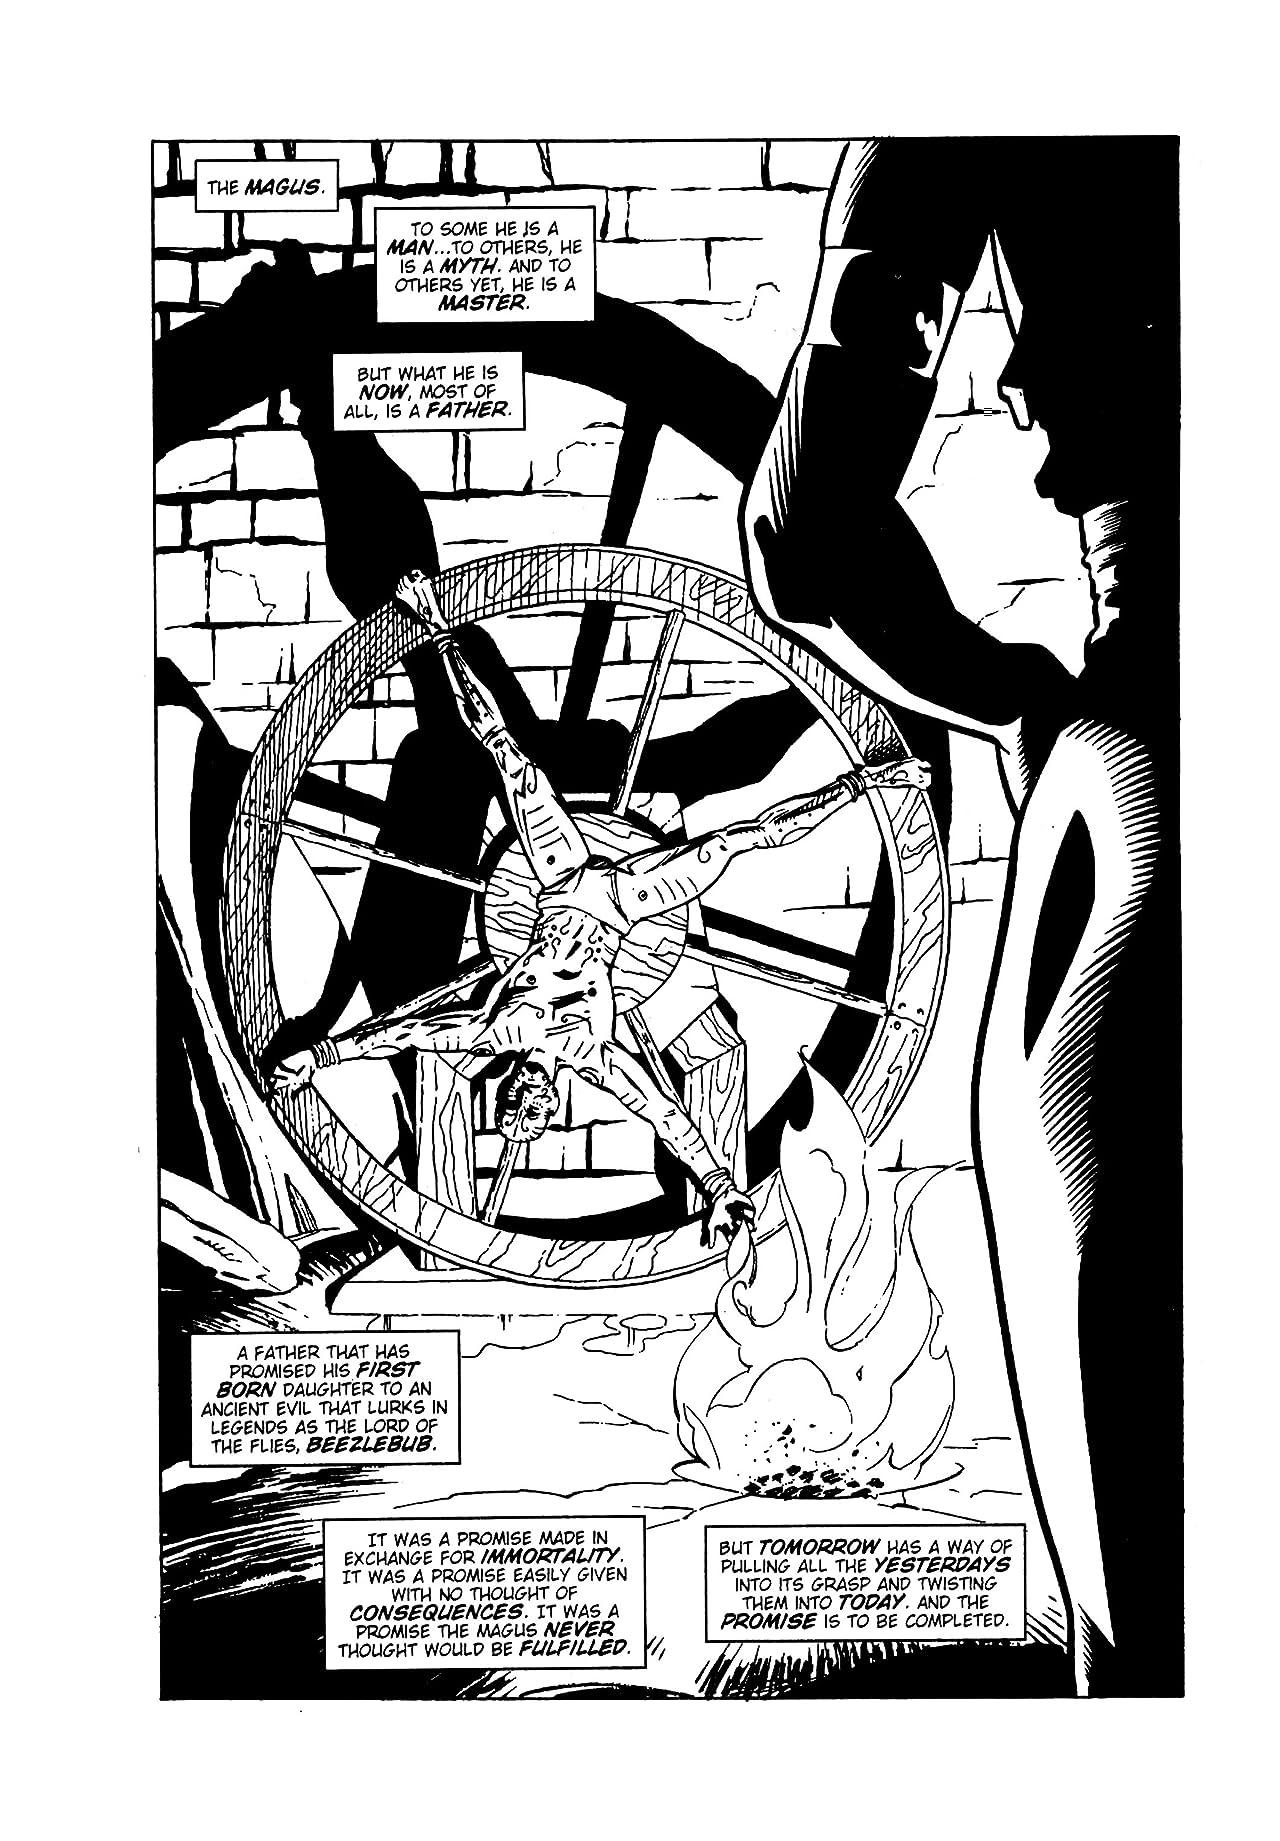 Saint Germaine: Magus #3